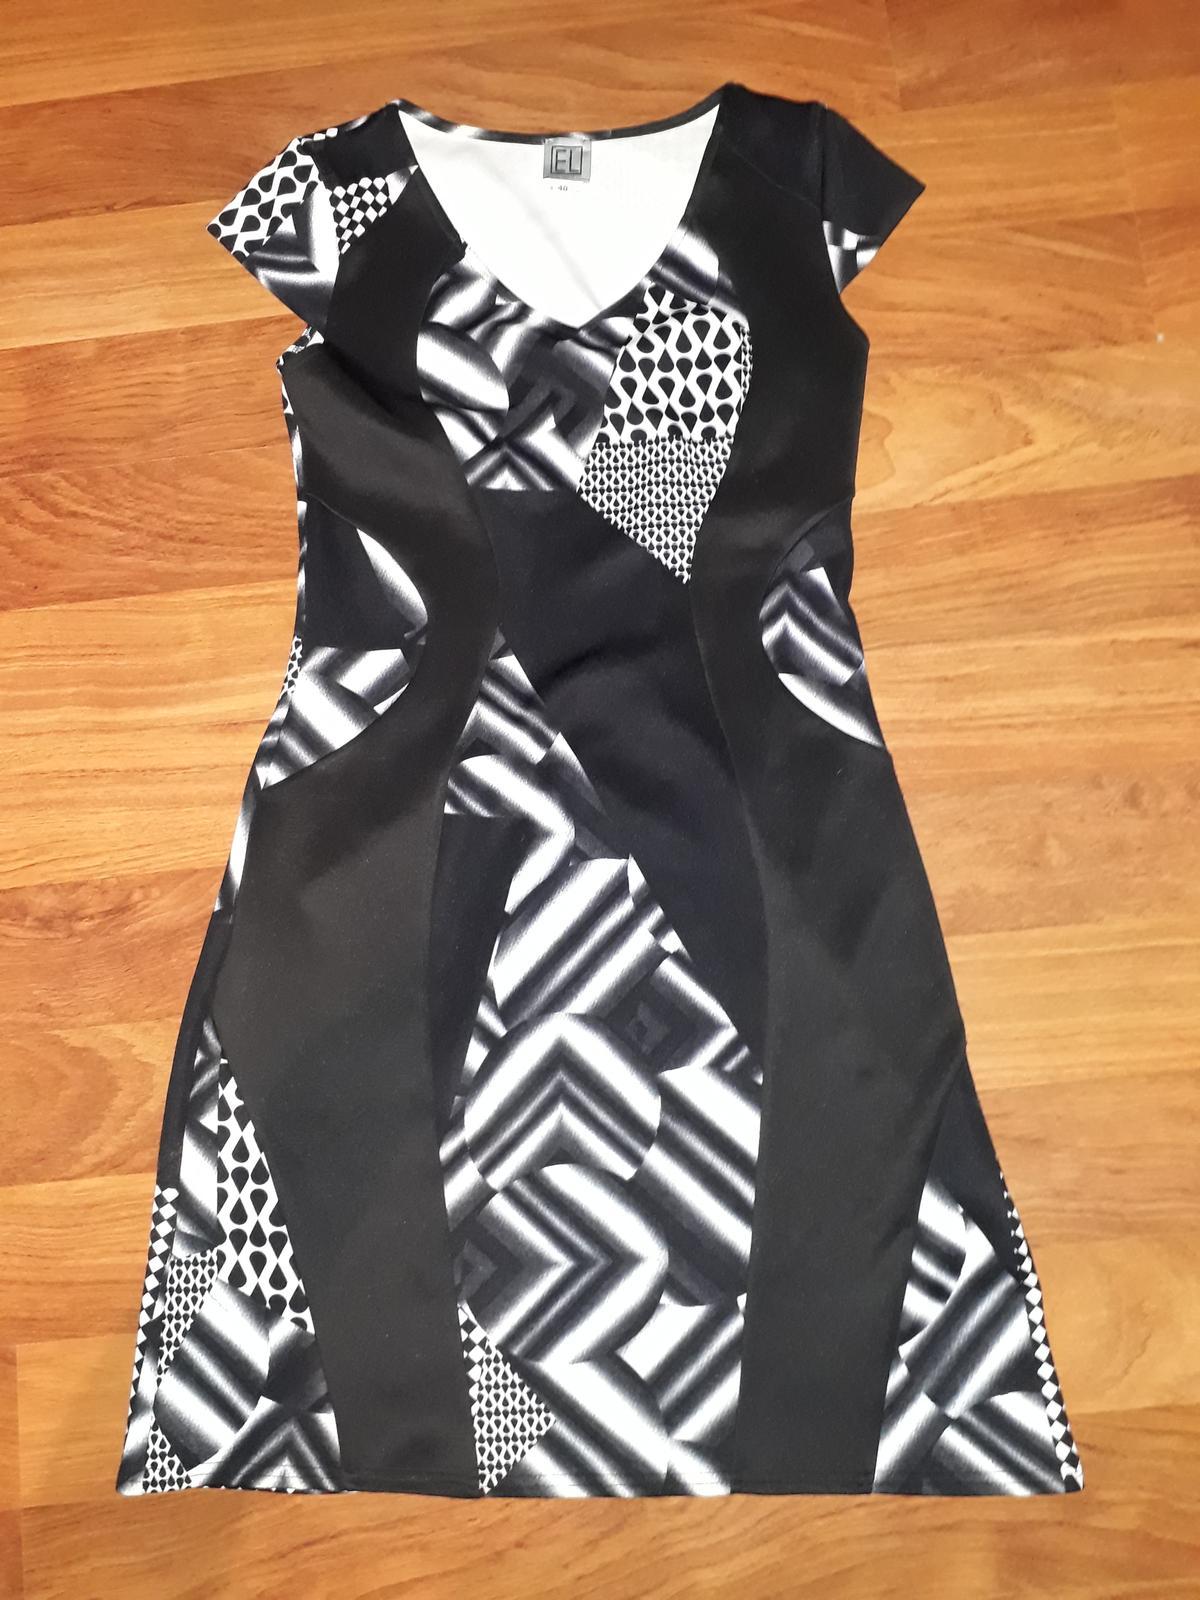 dámské šaty EL, vel 42 - Obrázek č. 1